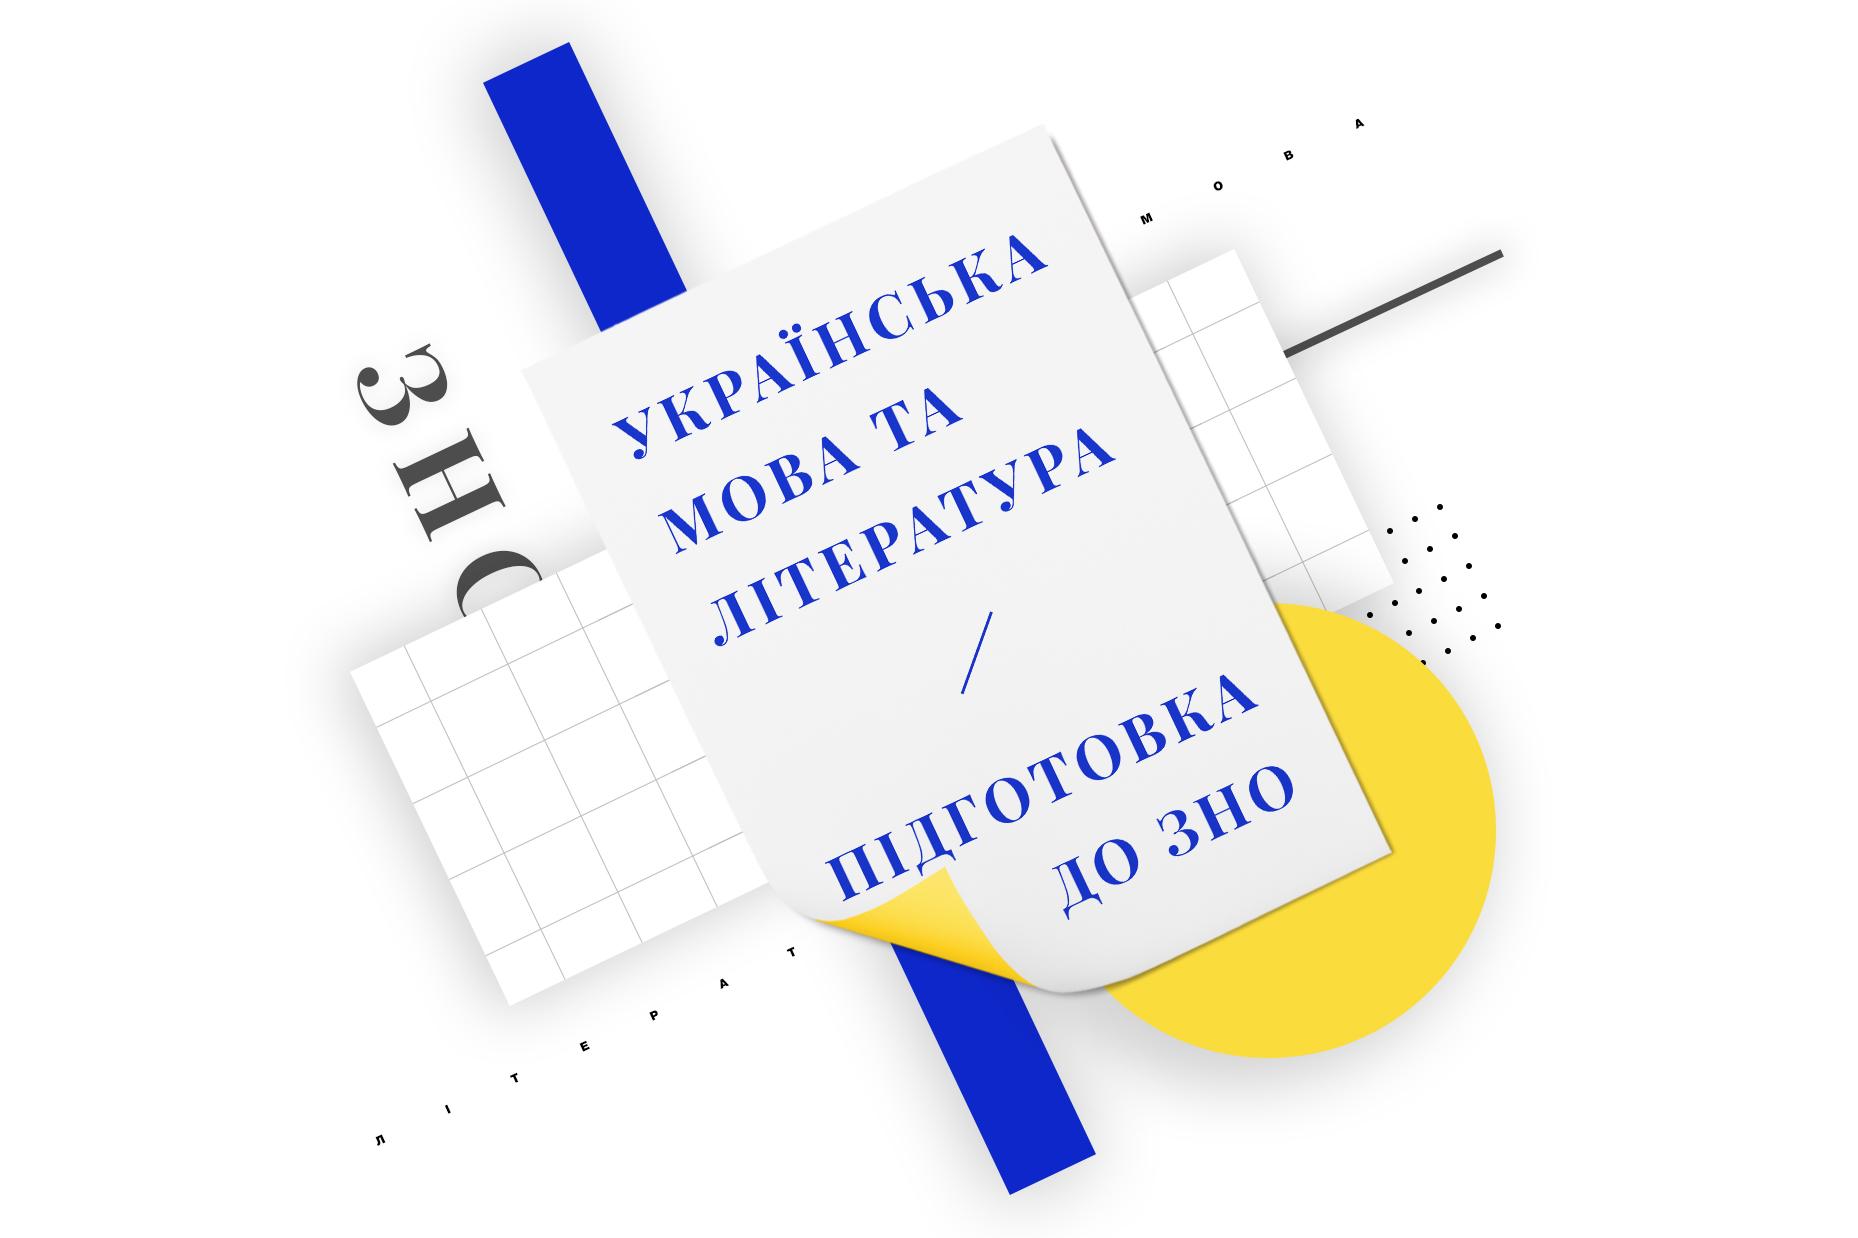 Українська мова та література: on-line курс на 200 балів